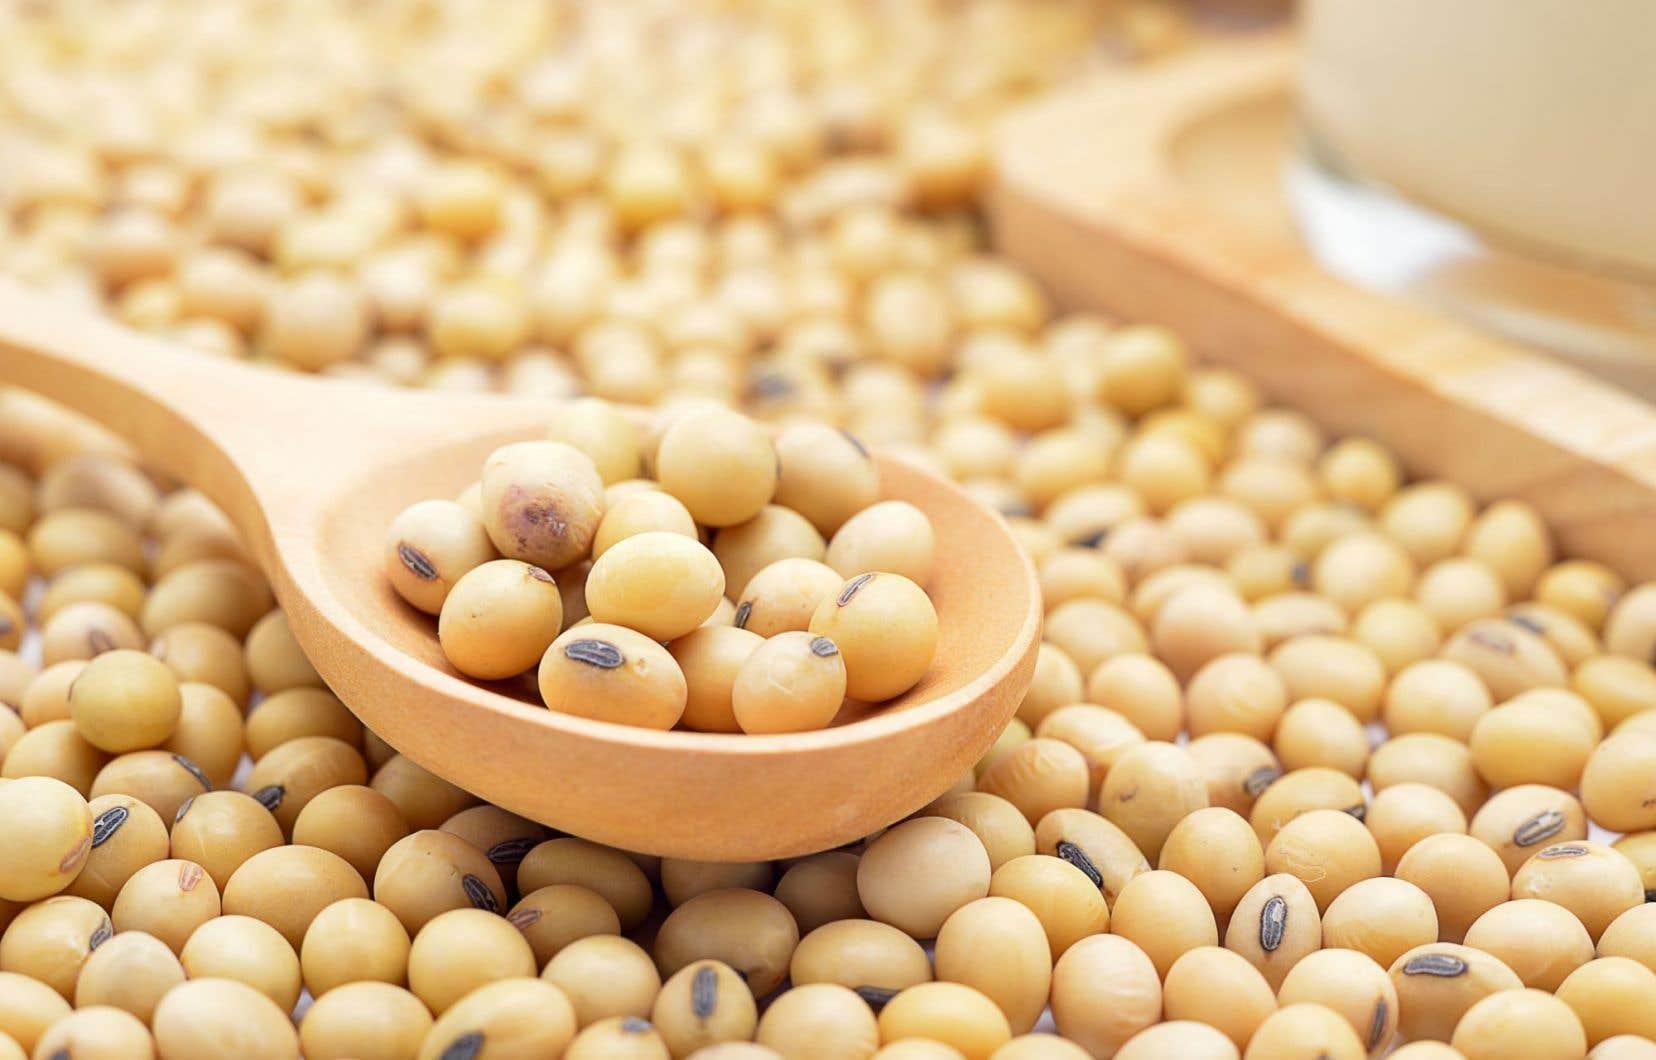 Lorsque les fèves blanches sont bouillies, leurs protéines se dégradent très rapidement dans le système digestif, selon les tests.